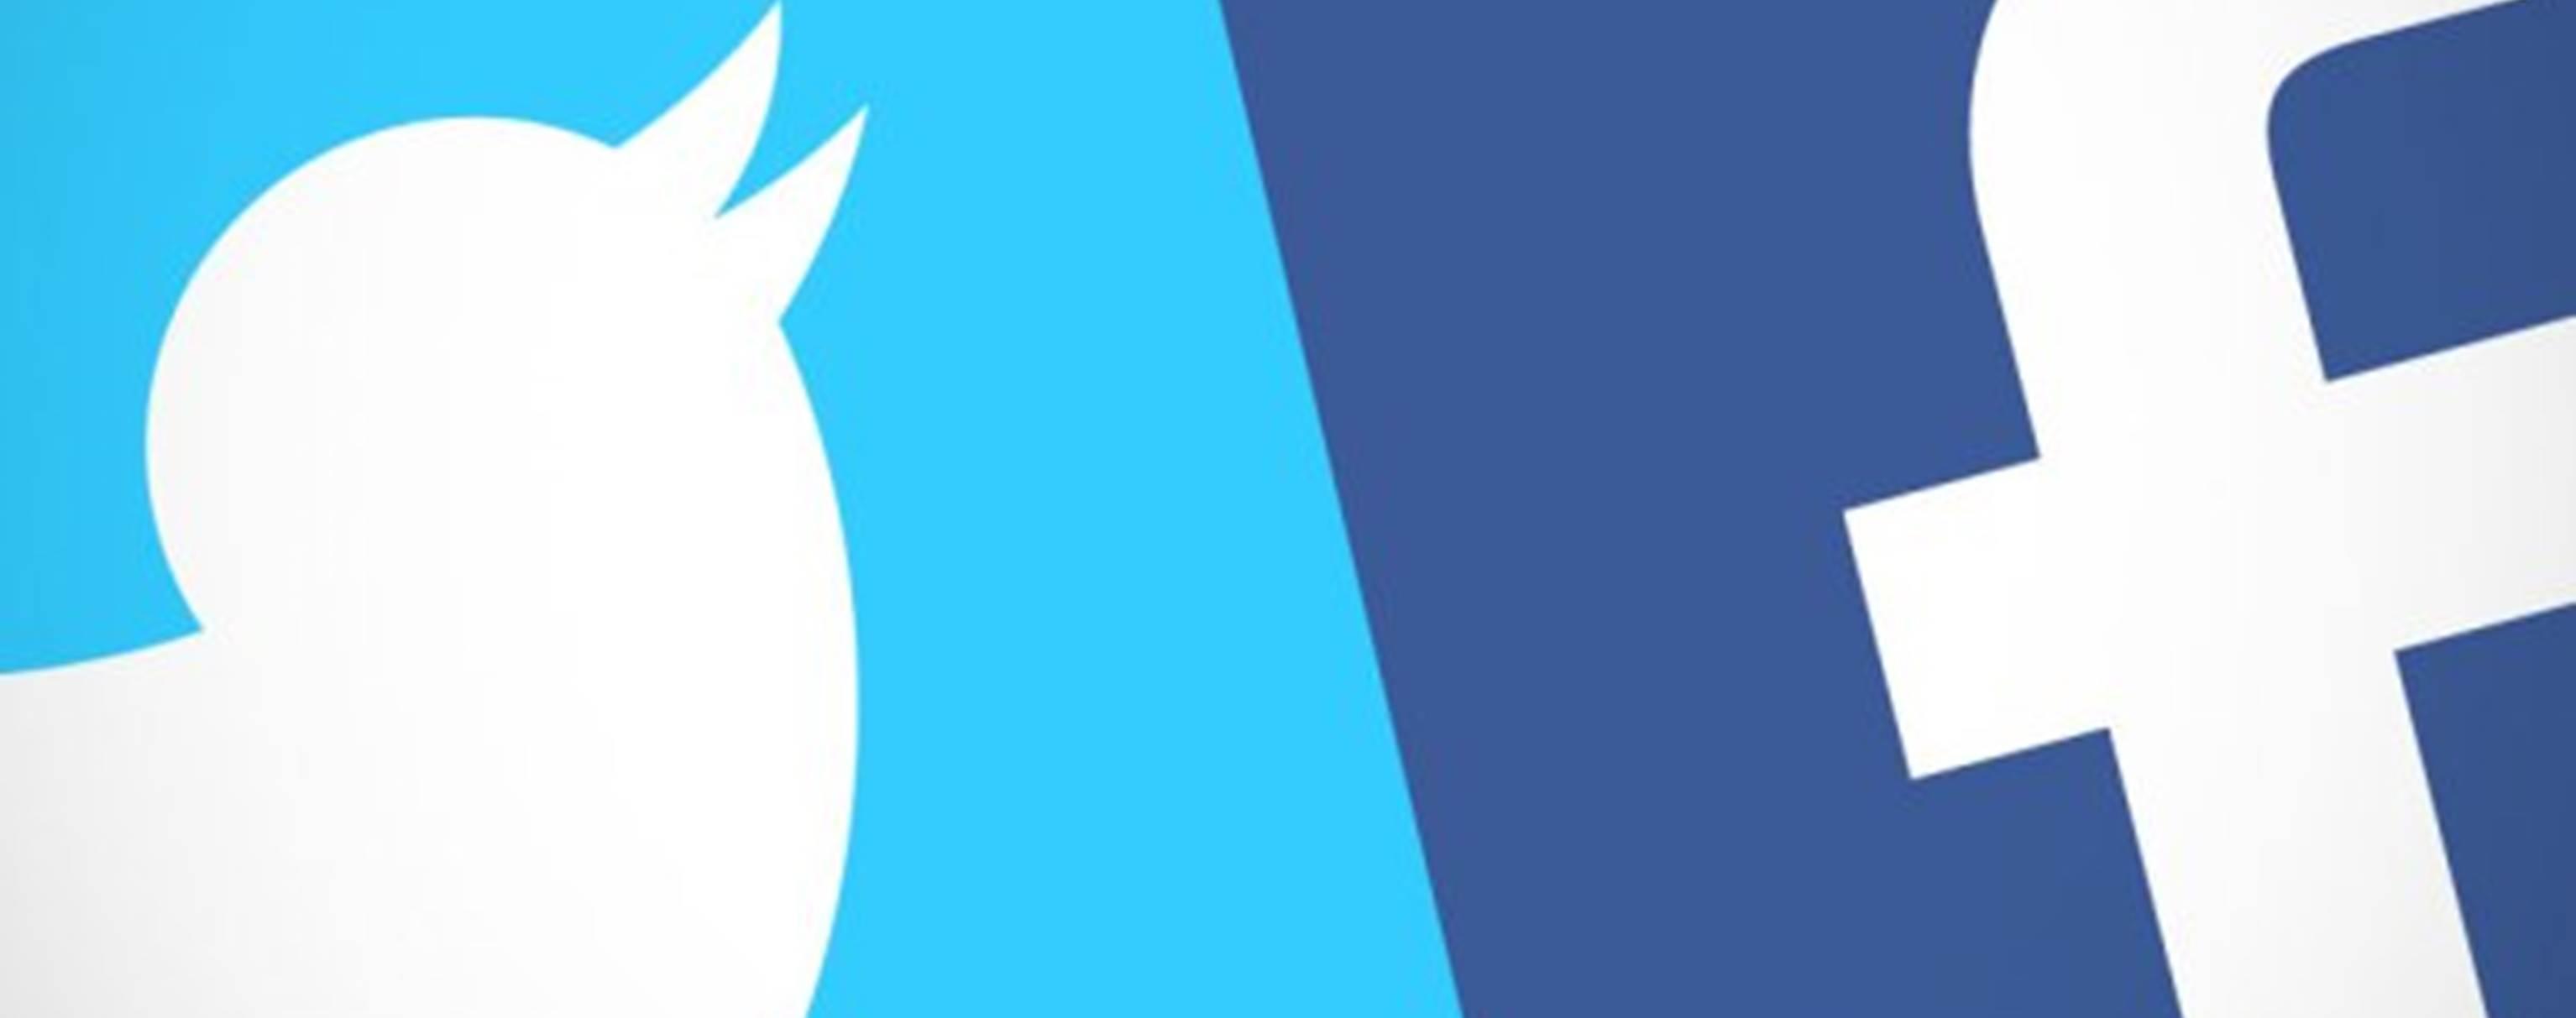 Un curs de redacció avançada per a Twitter i Facebook a l'ACPC el 19 d'octubre de 9'30 a 14'30h